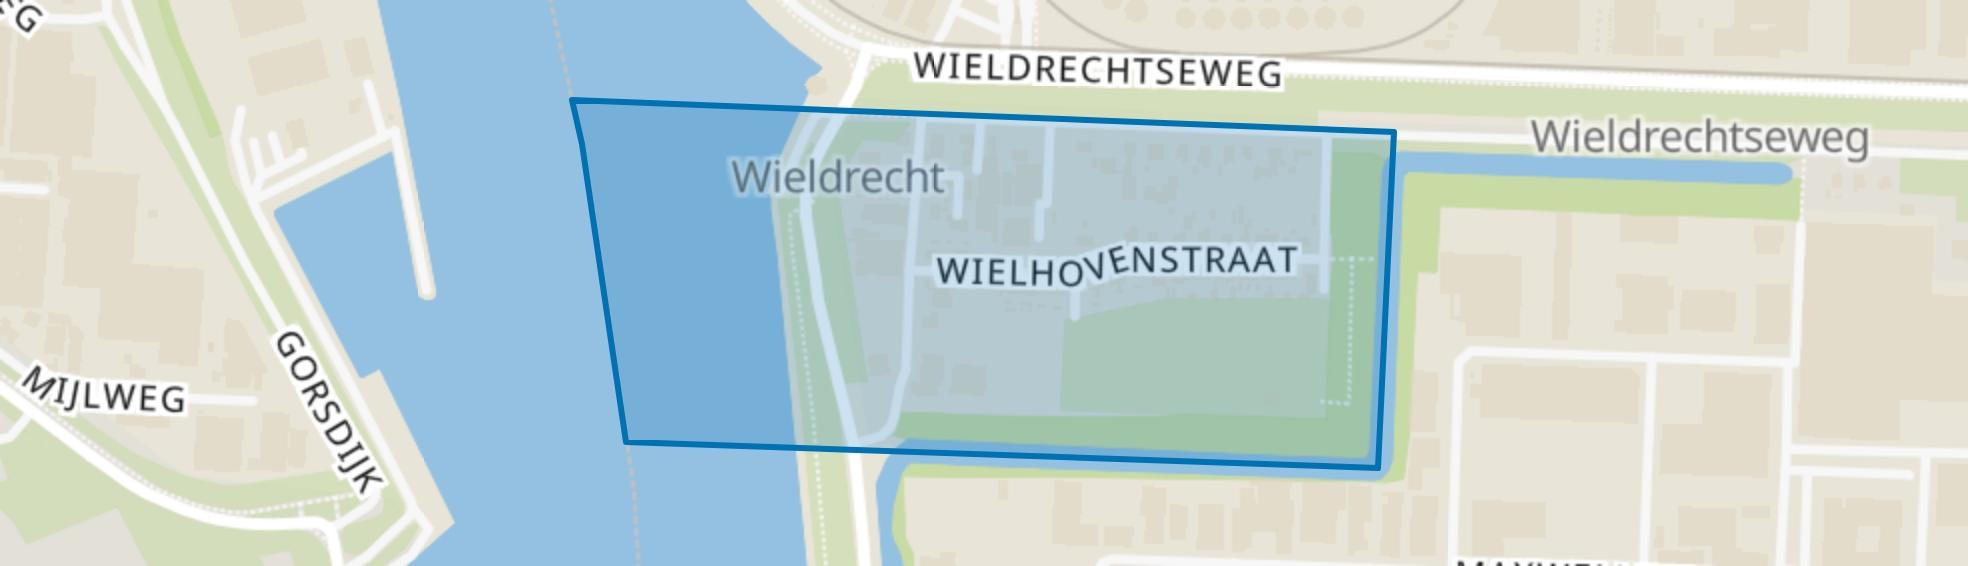 Wieldrecht, Dordrecht map